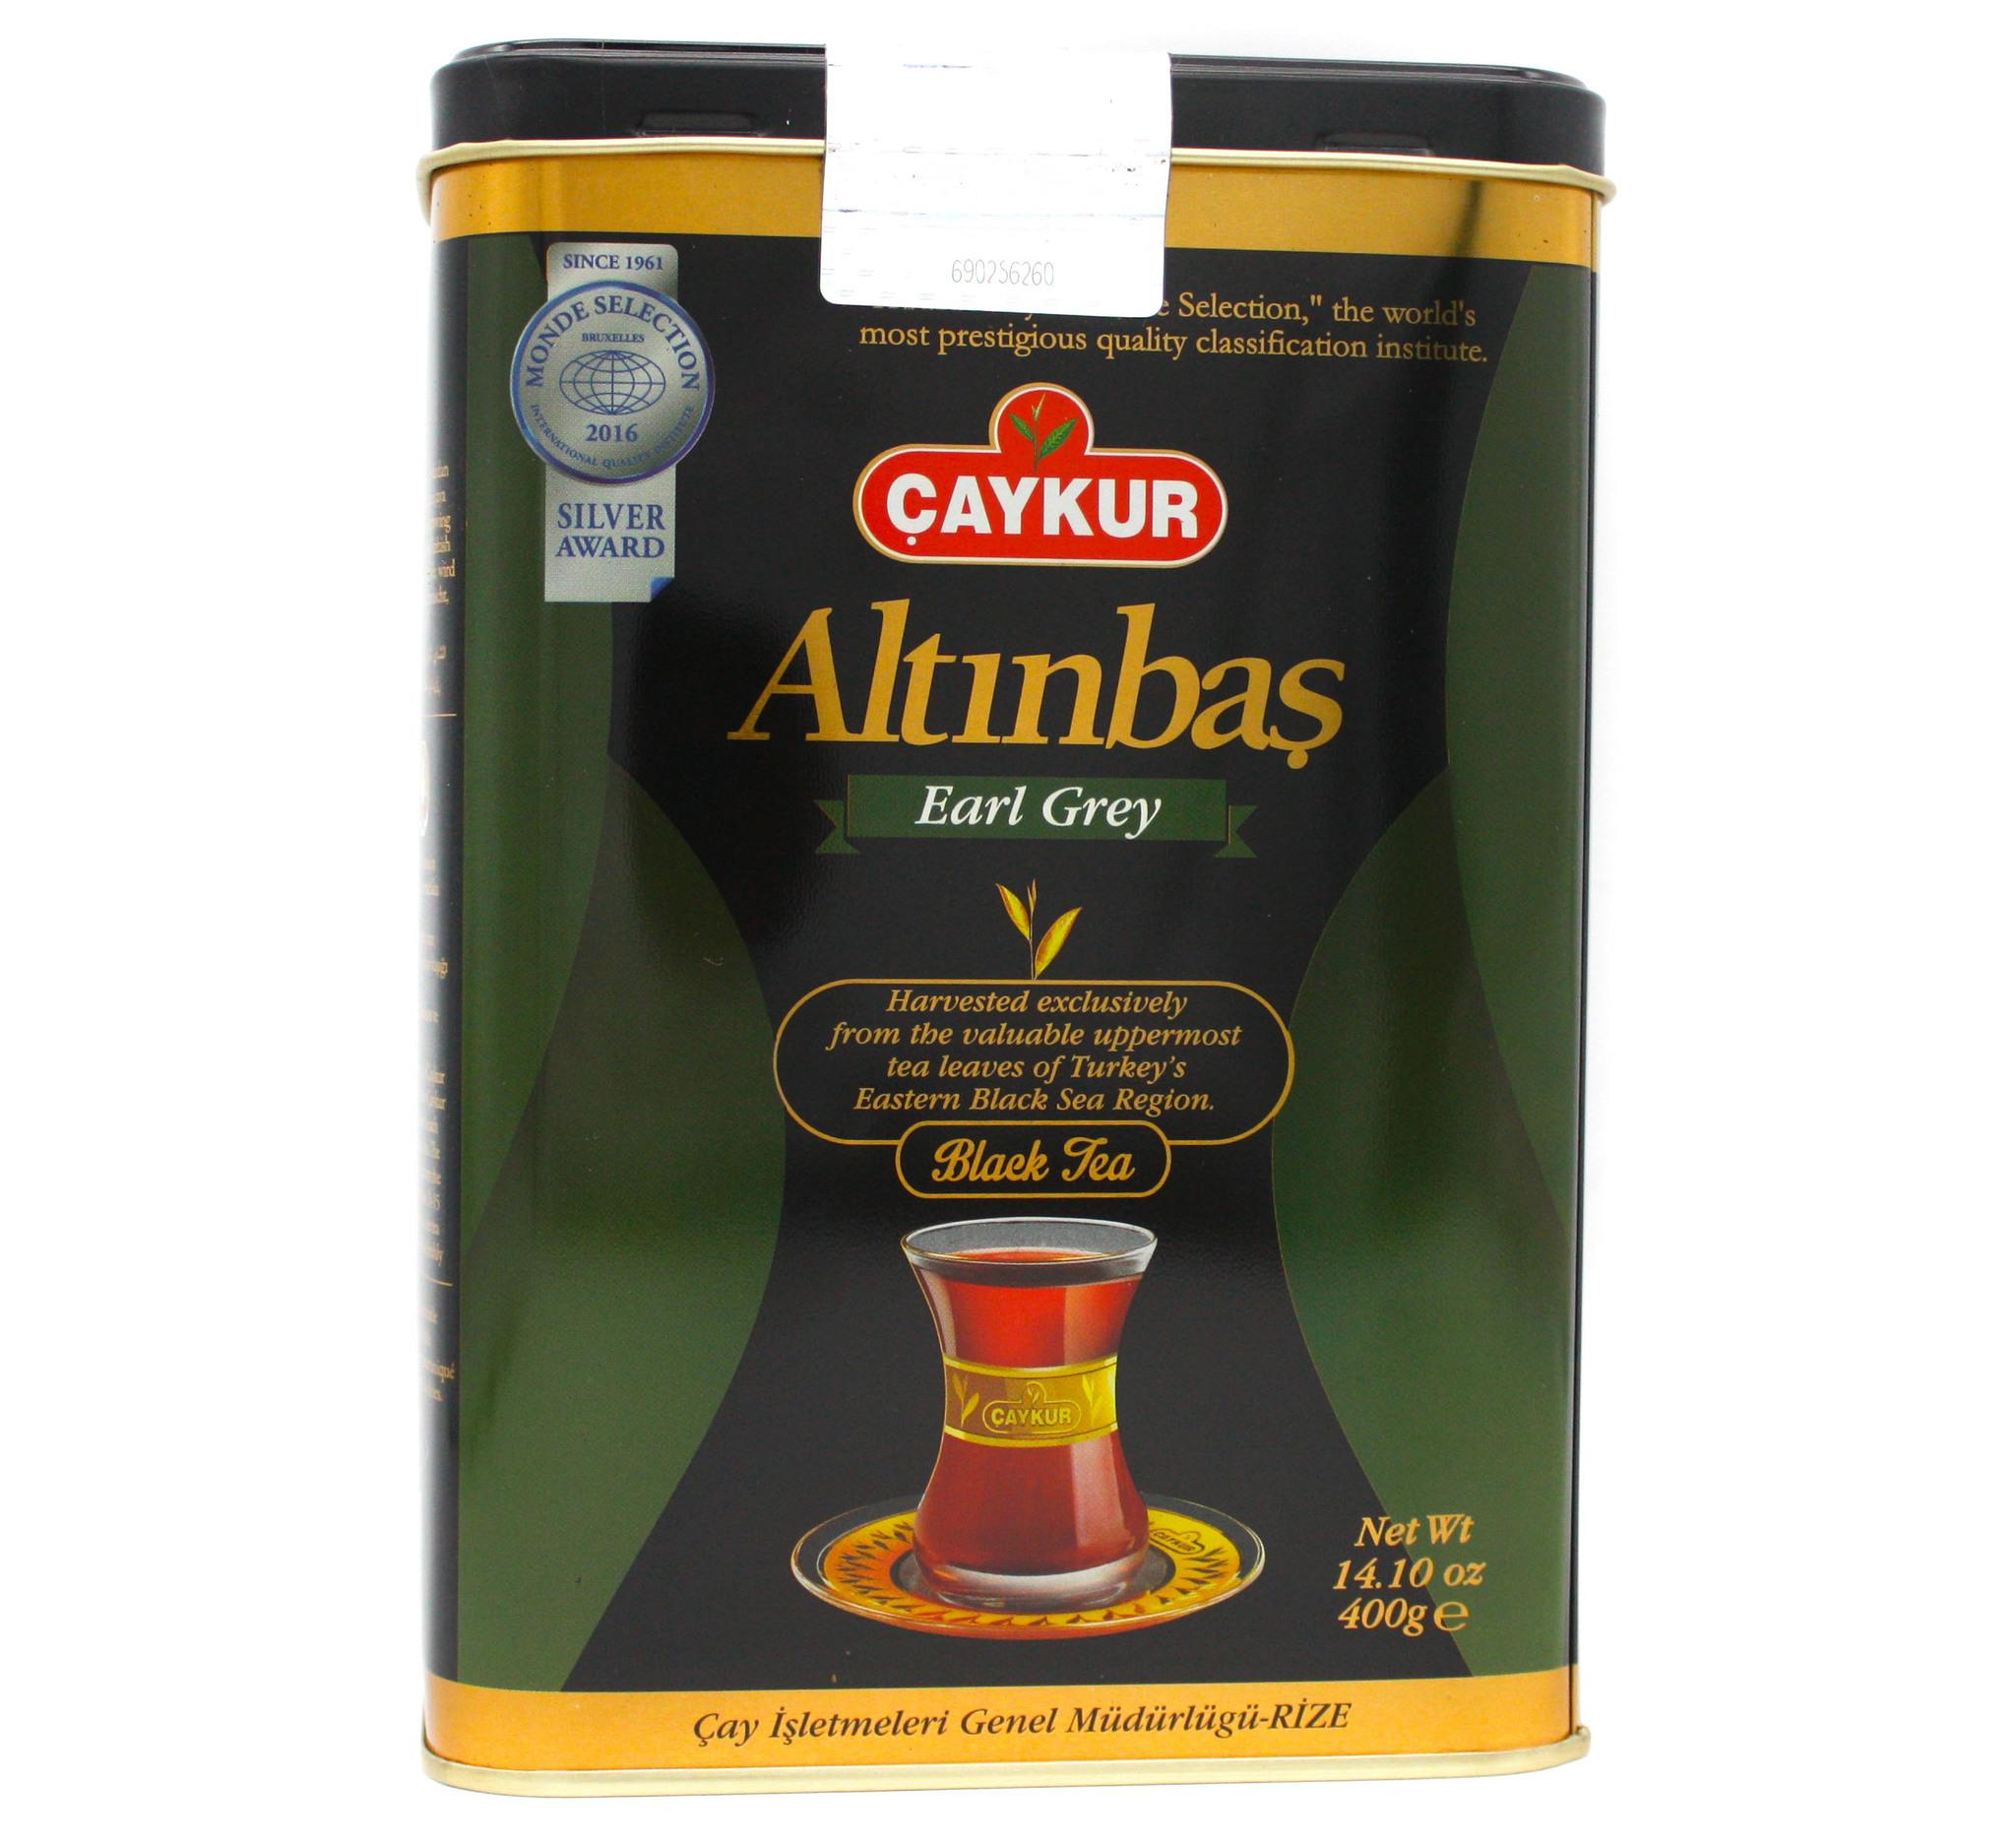 Чай Турецкий черный чай с бергамотом Altinbas, Çaykur, 400 г import_files_c4_c42273f9505811e9a9ac484d7ecee297_1dff34fa64cb11e9a9ac484d7ecee297.jpg